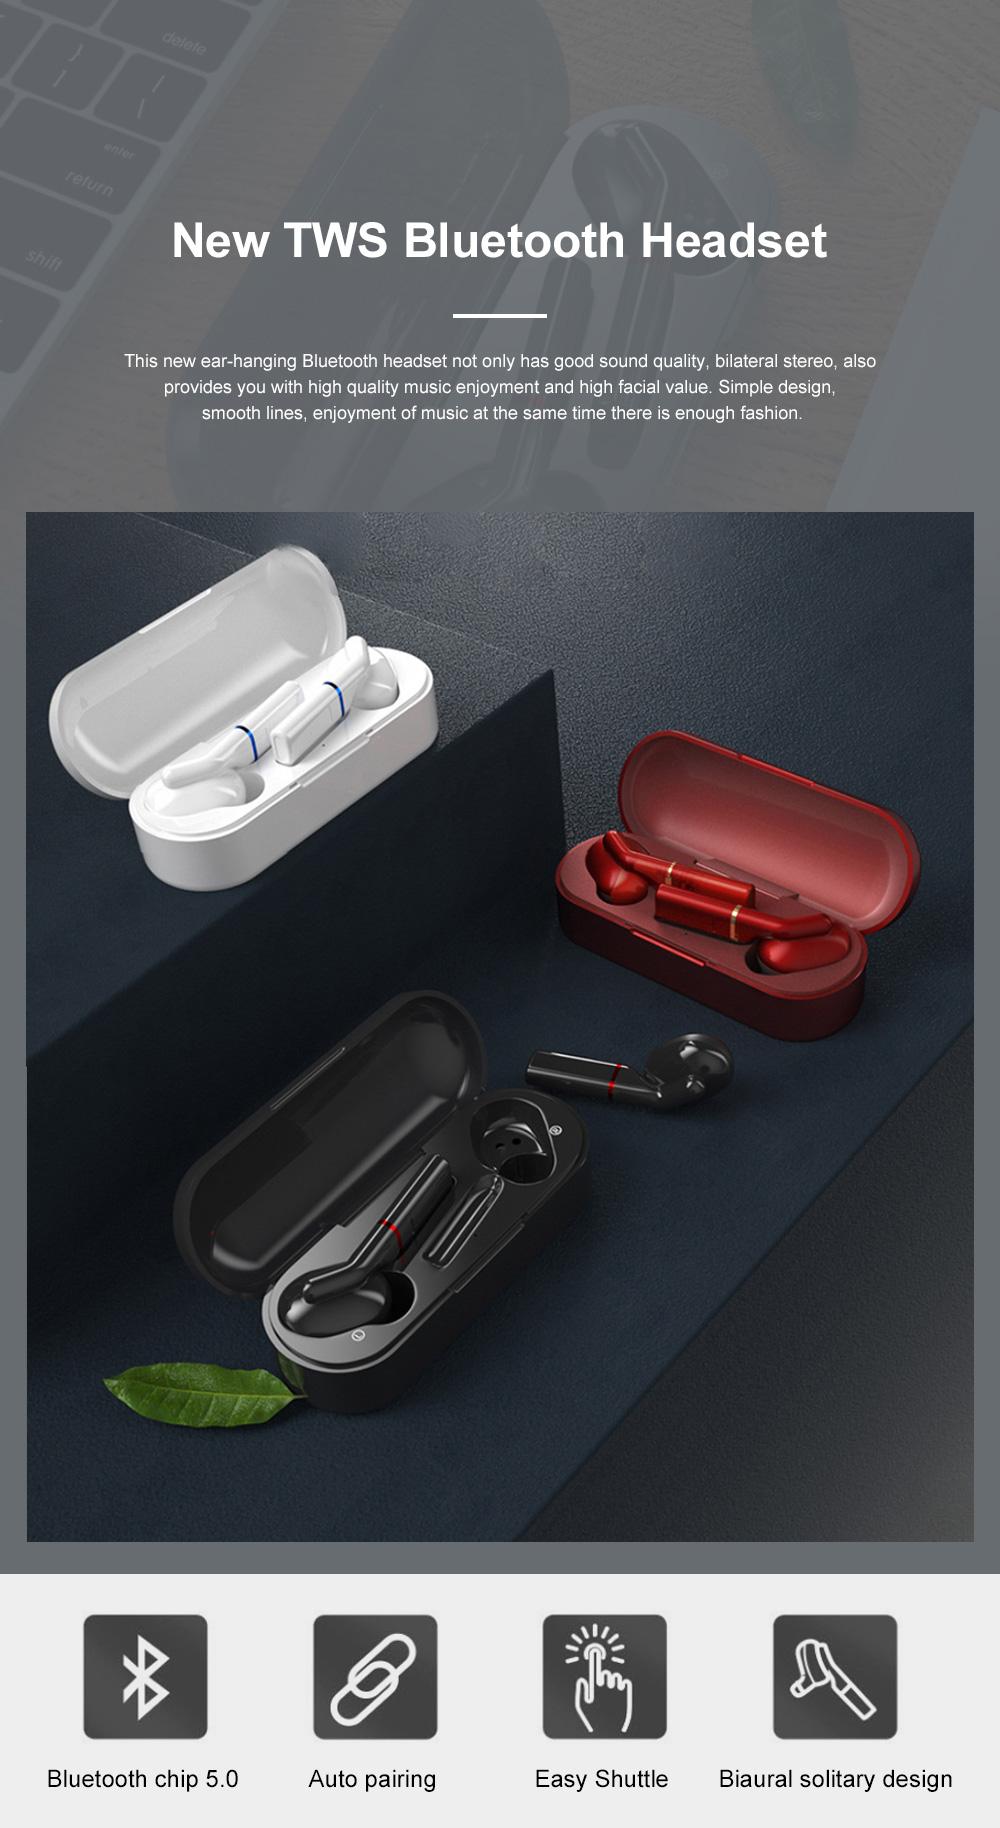 New Earhook TWS Bluetooth Headset Wireless 5.0 Ear-mounted Touch Headset Sport Earphone 0